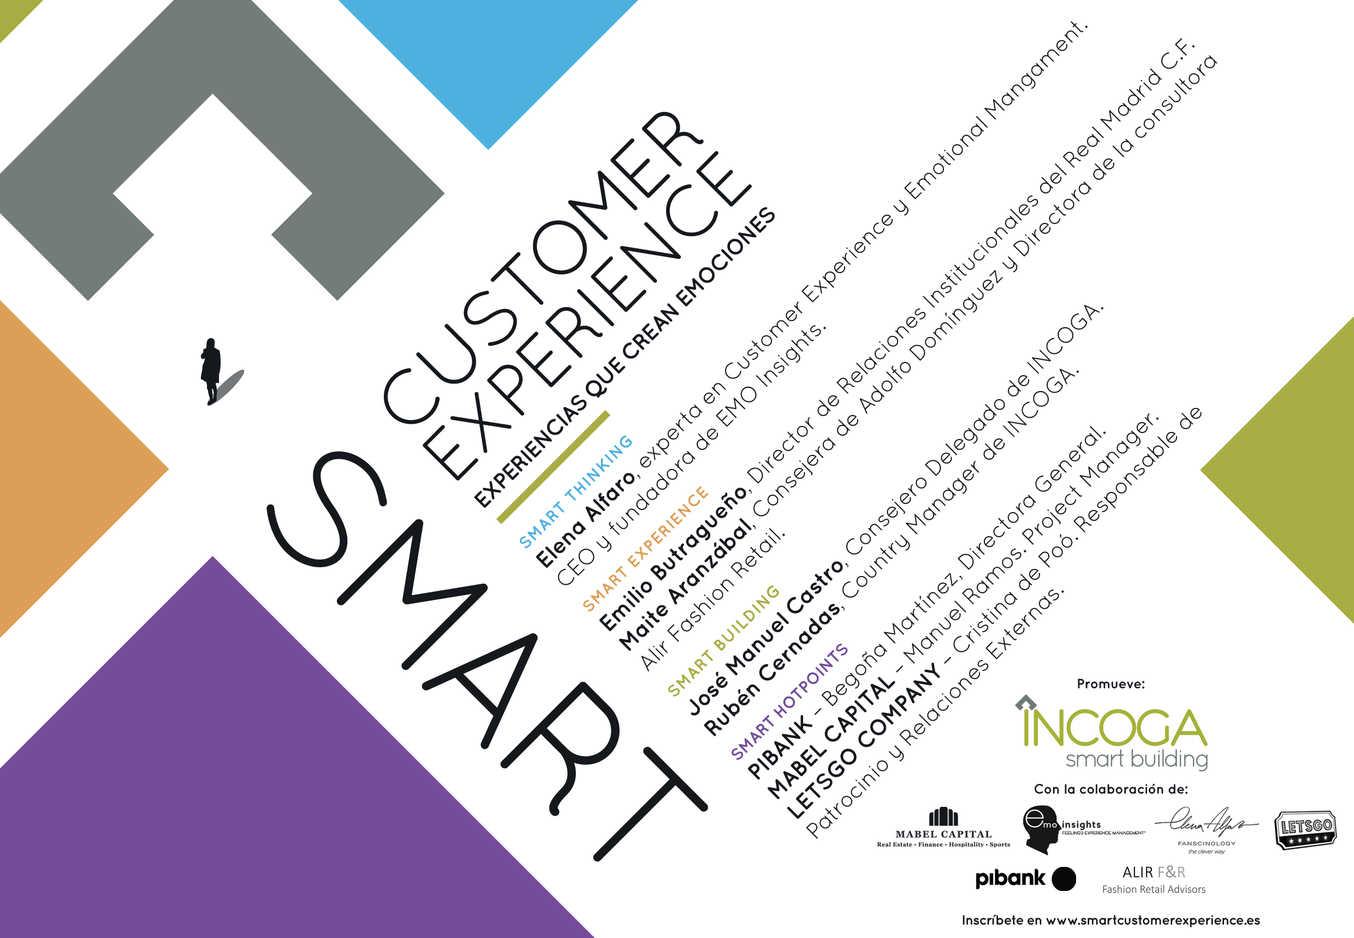 Incoga celebrará el 24 de octubre el foro Smart Customer Experience